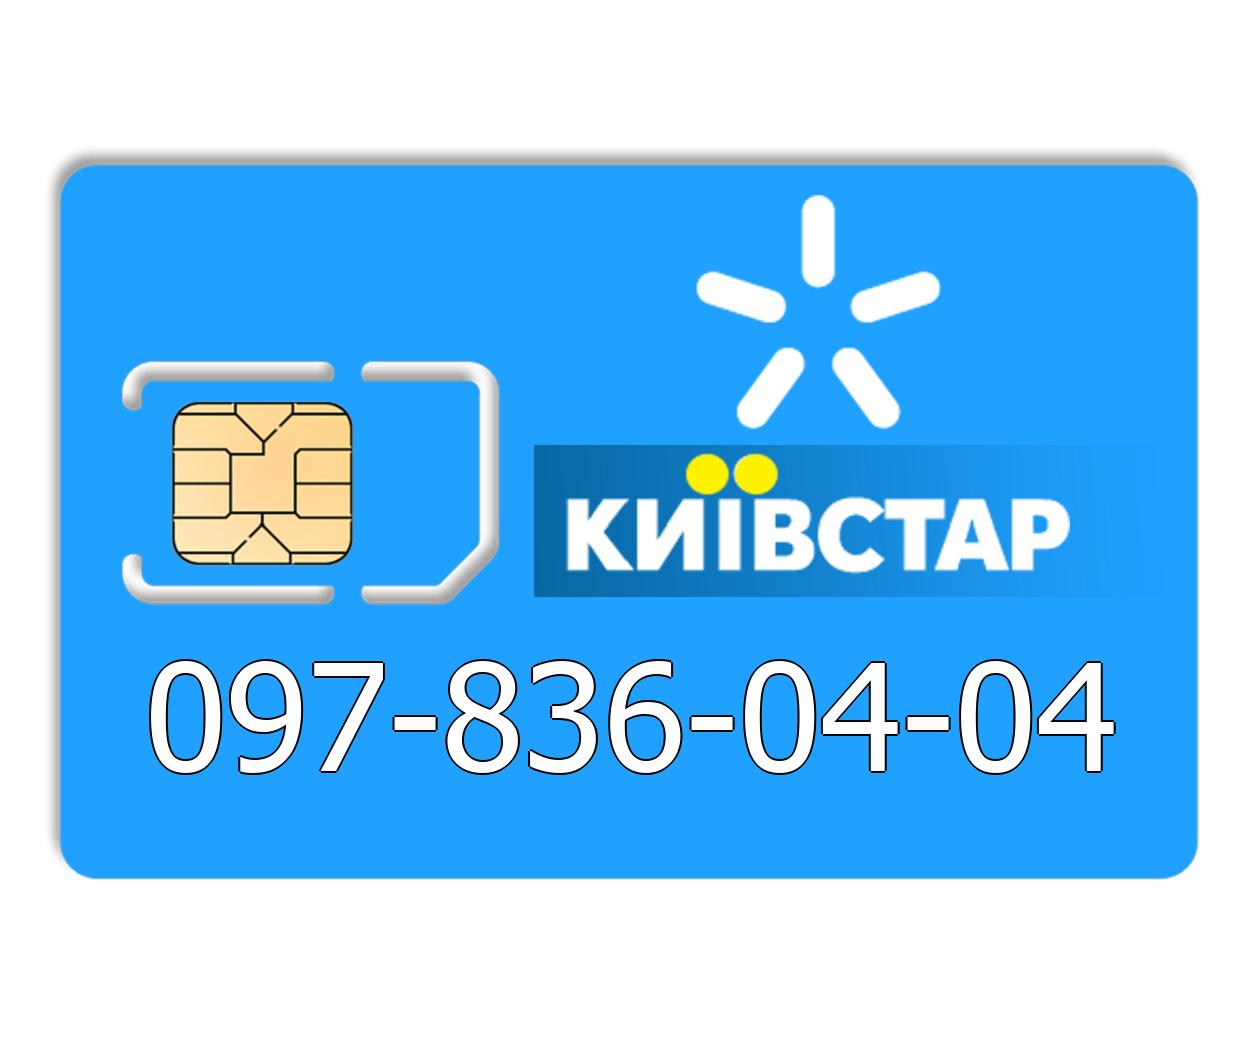 Красивый номер Киевстар 097-836-04-04